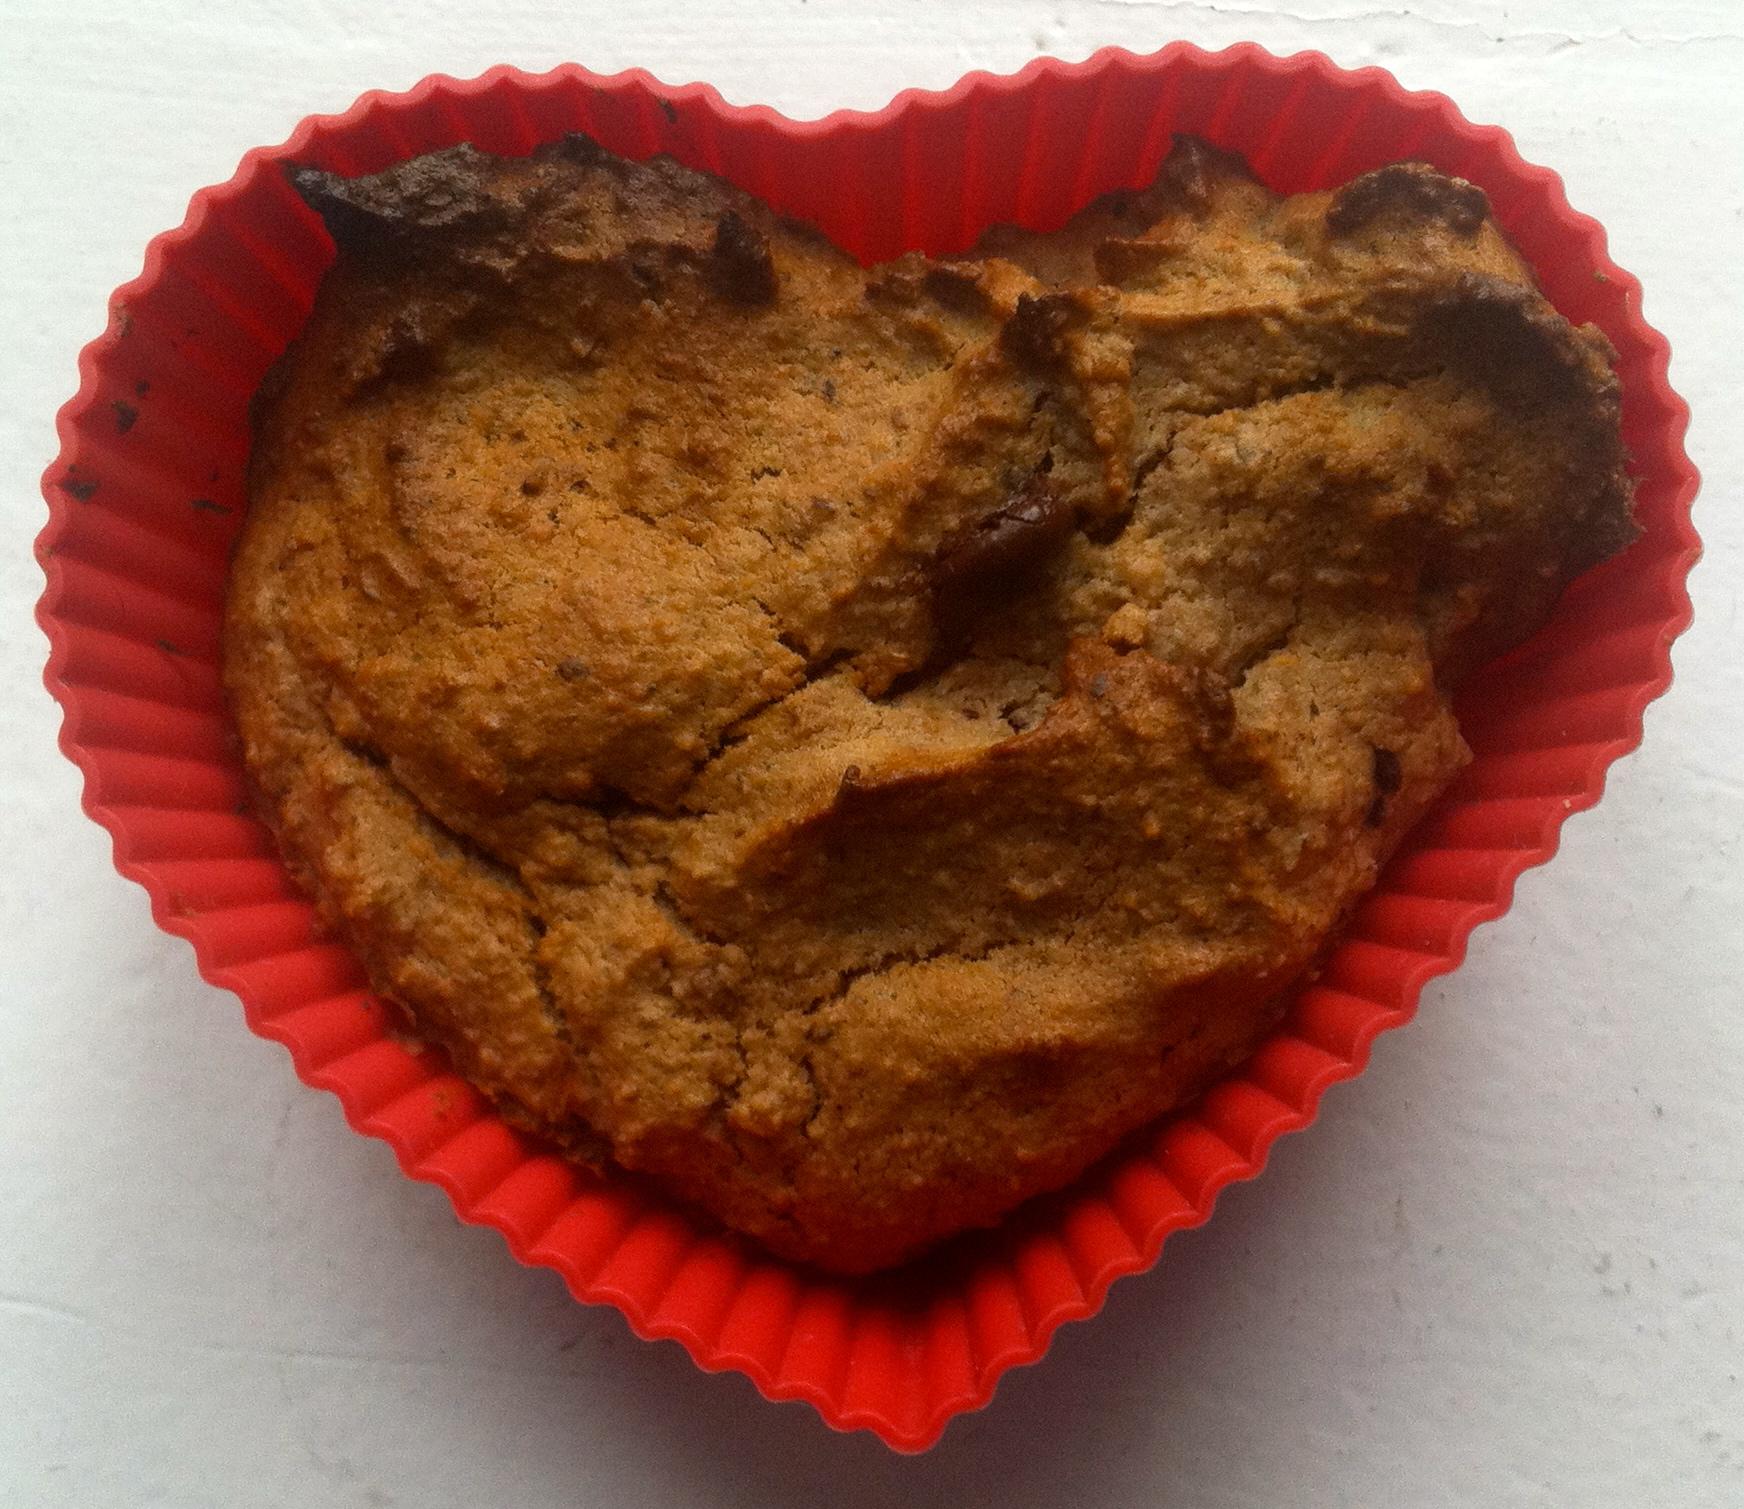 Chokolade muffins uden mel og sukker dating 5